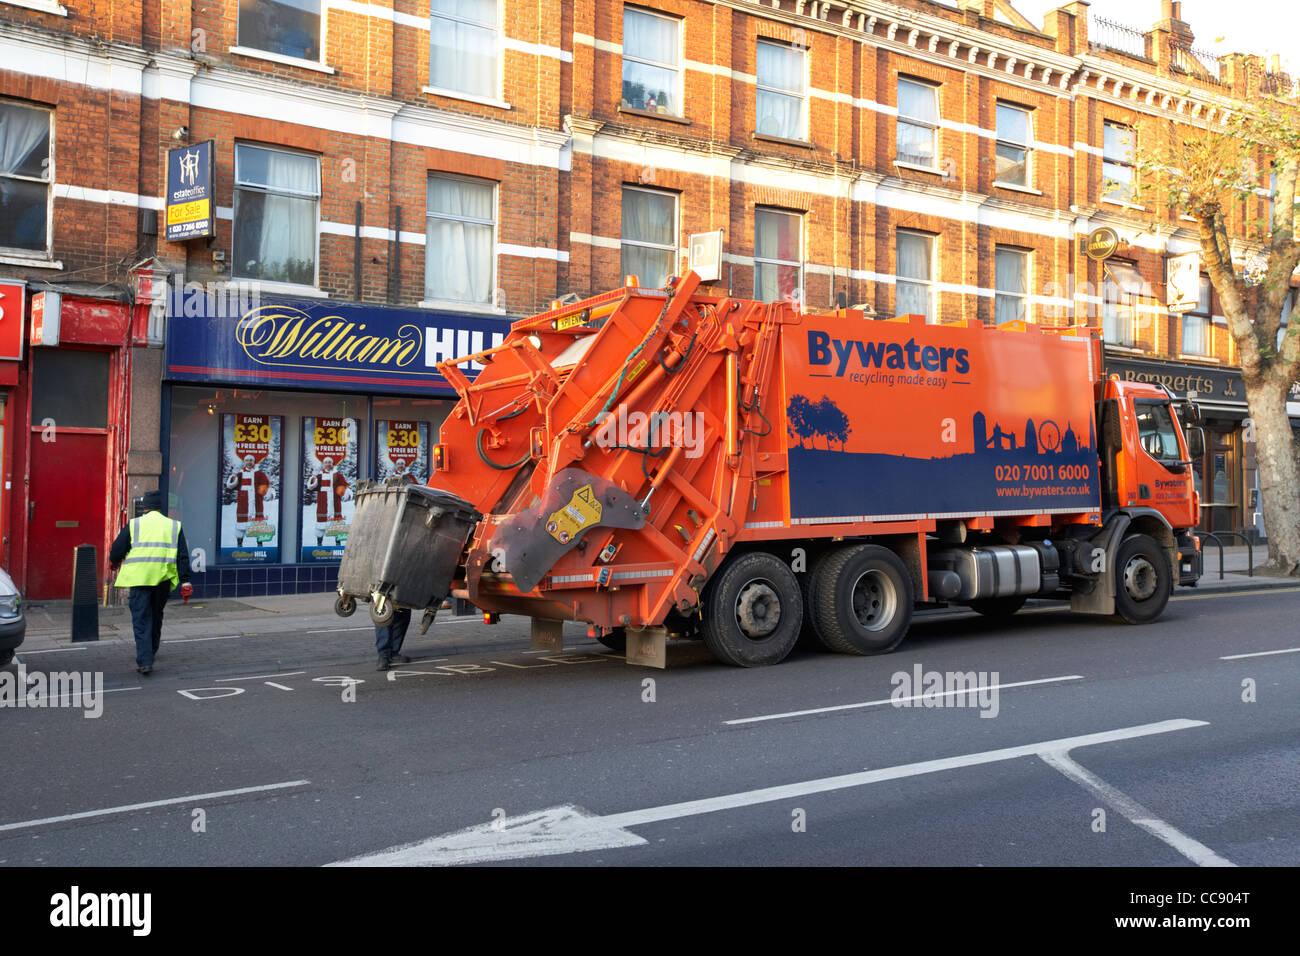 Bywaters gestione dei rifiuti il riciclaggio carrello lo svuotamento dello scomparto di Londra Inghilterra Regno Immagini Stock